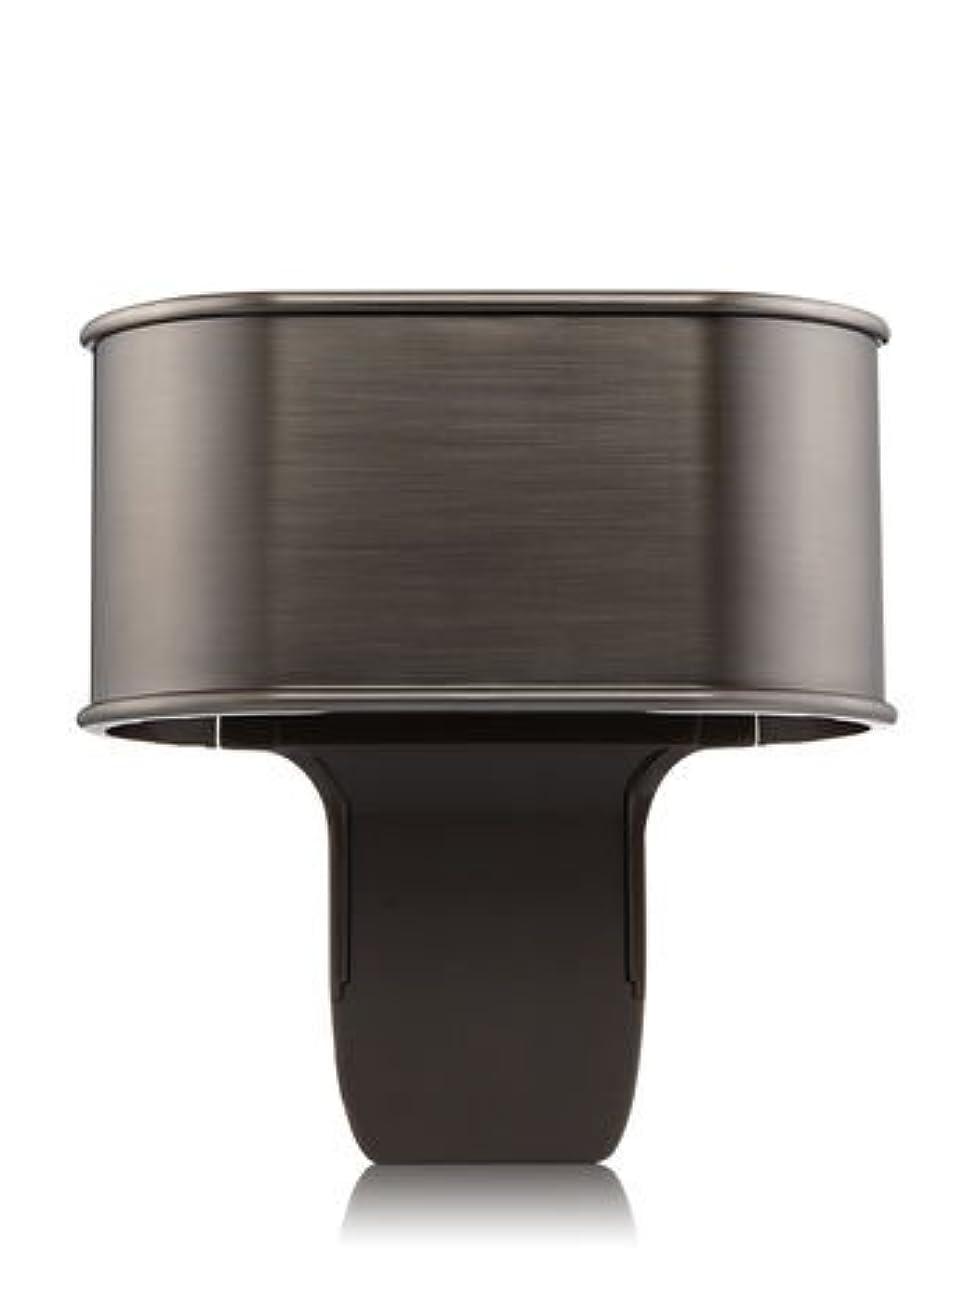 情報オーロック主導権【Bath&Body Works/バス&ボディワークス】 ルームフレグランス プラグインスターター デュオプラグ (本体のみ) Scent Switching Wallflowers Duo Plug Brushed Faux Nickel [並行輸入品]